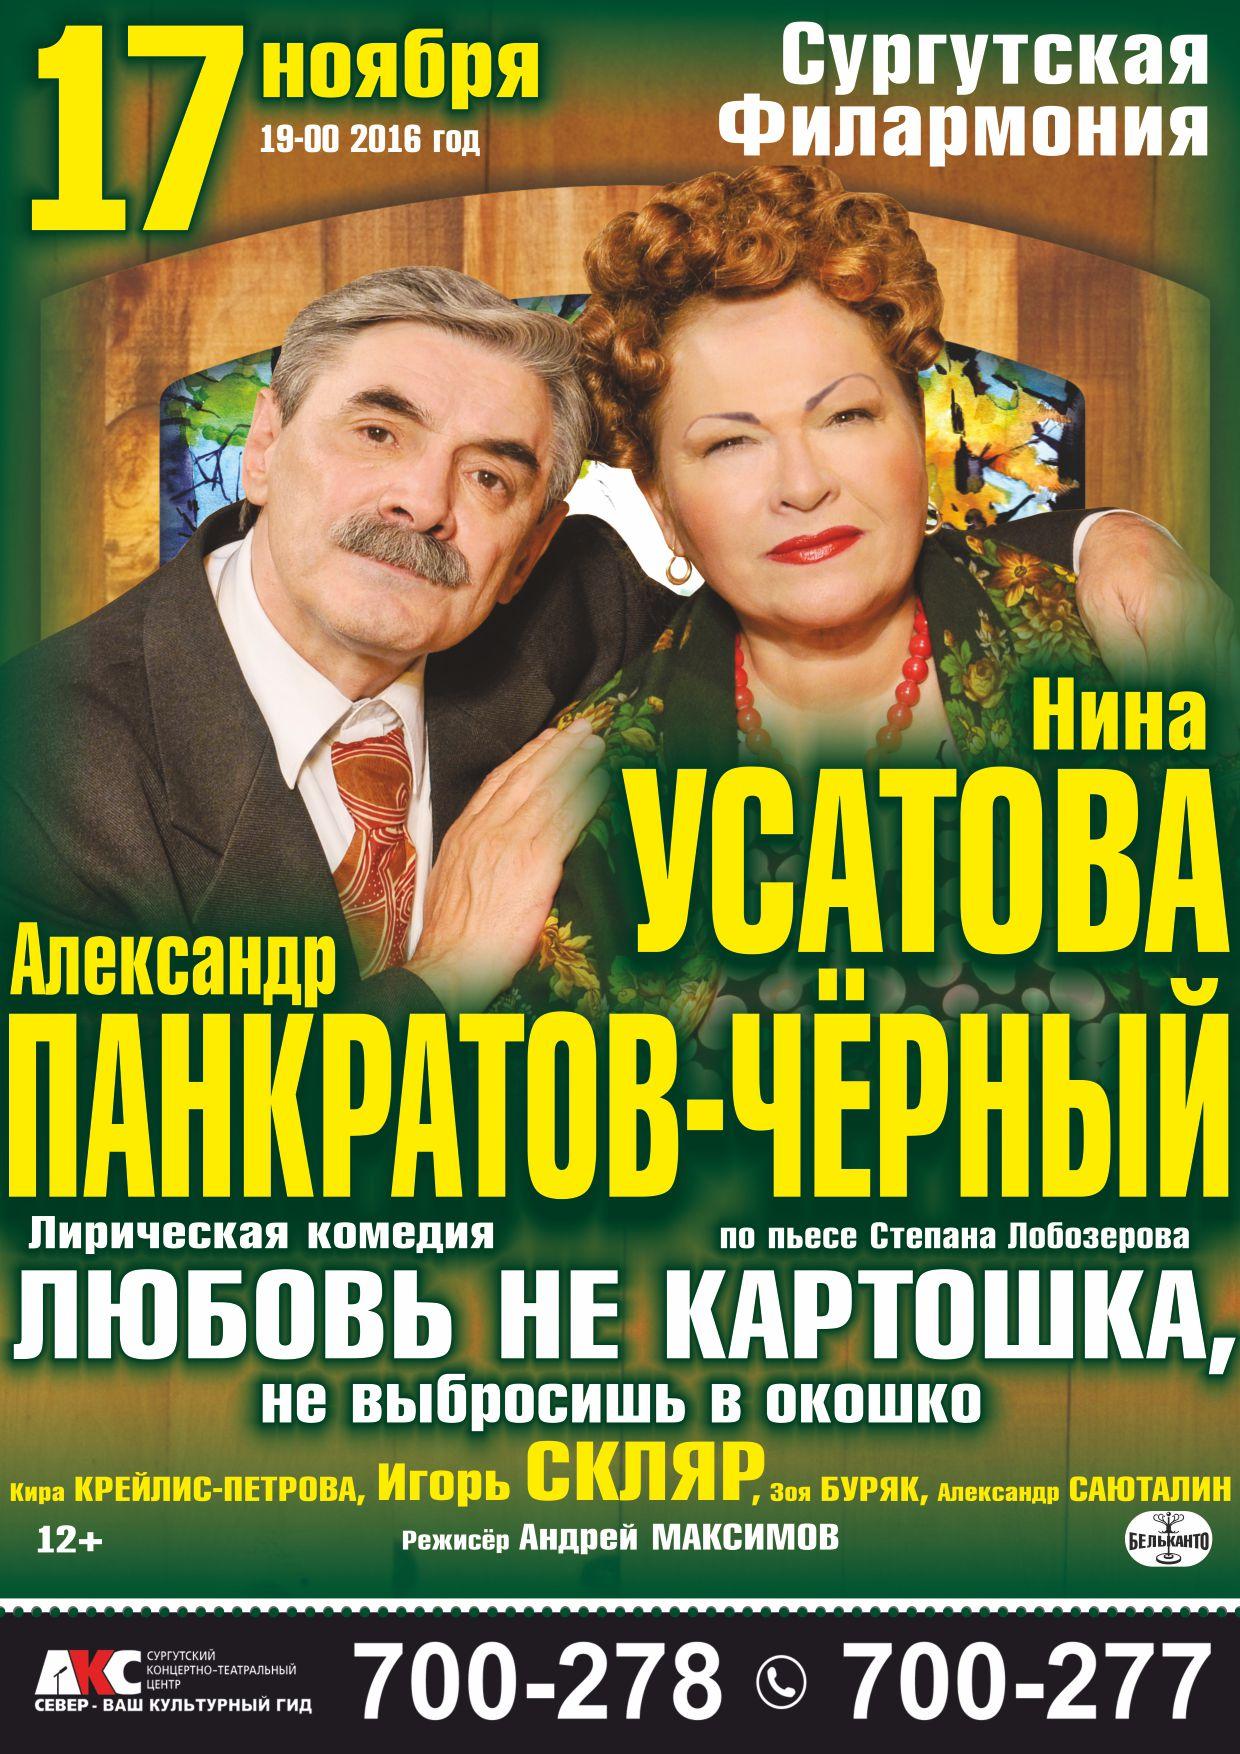 Спектакль афиша любовь до афиша кино киселевск